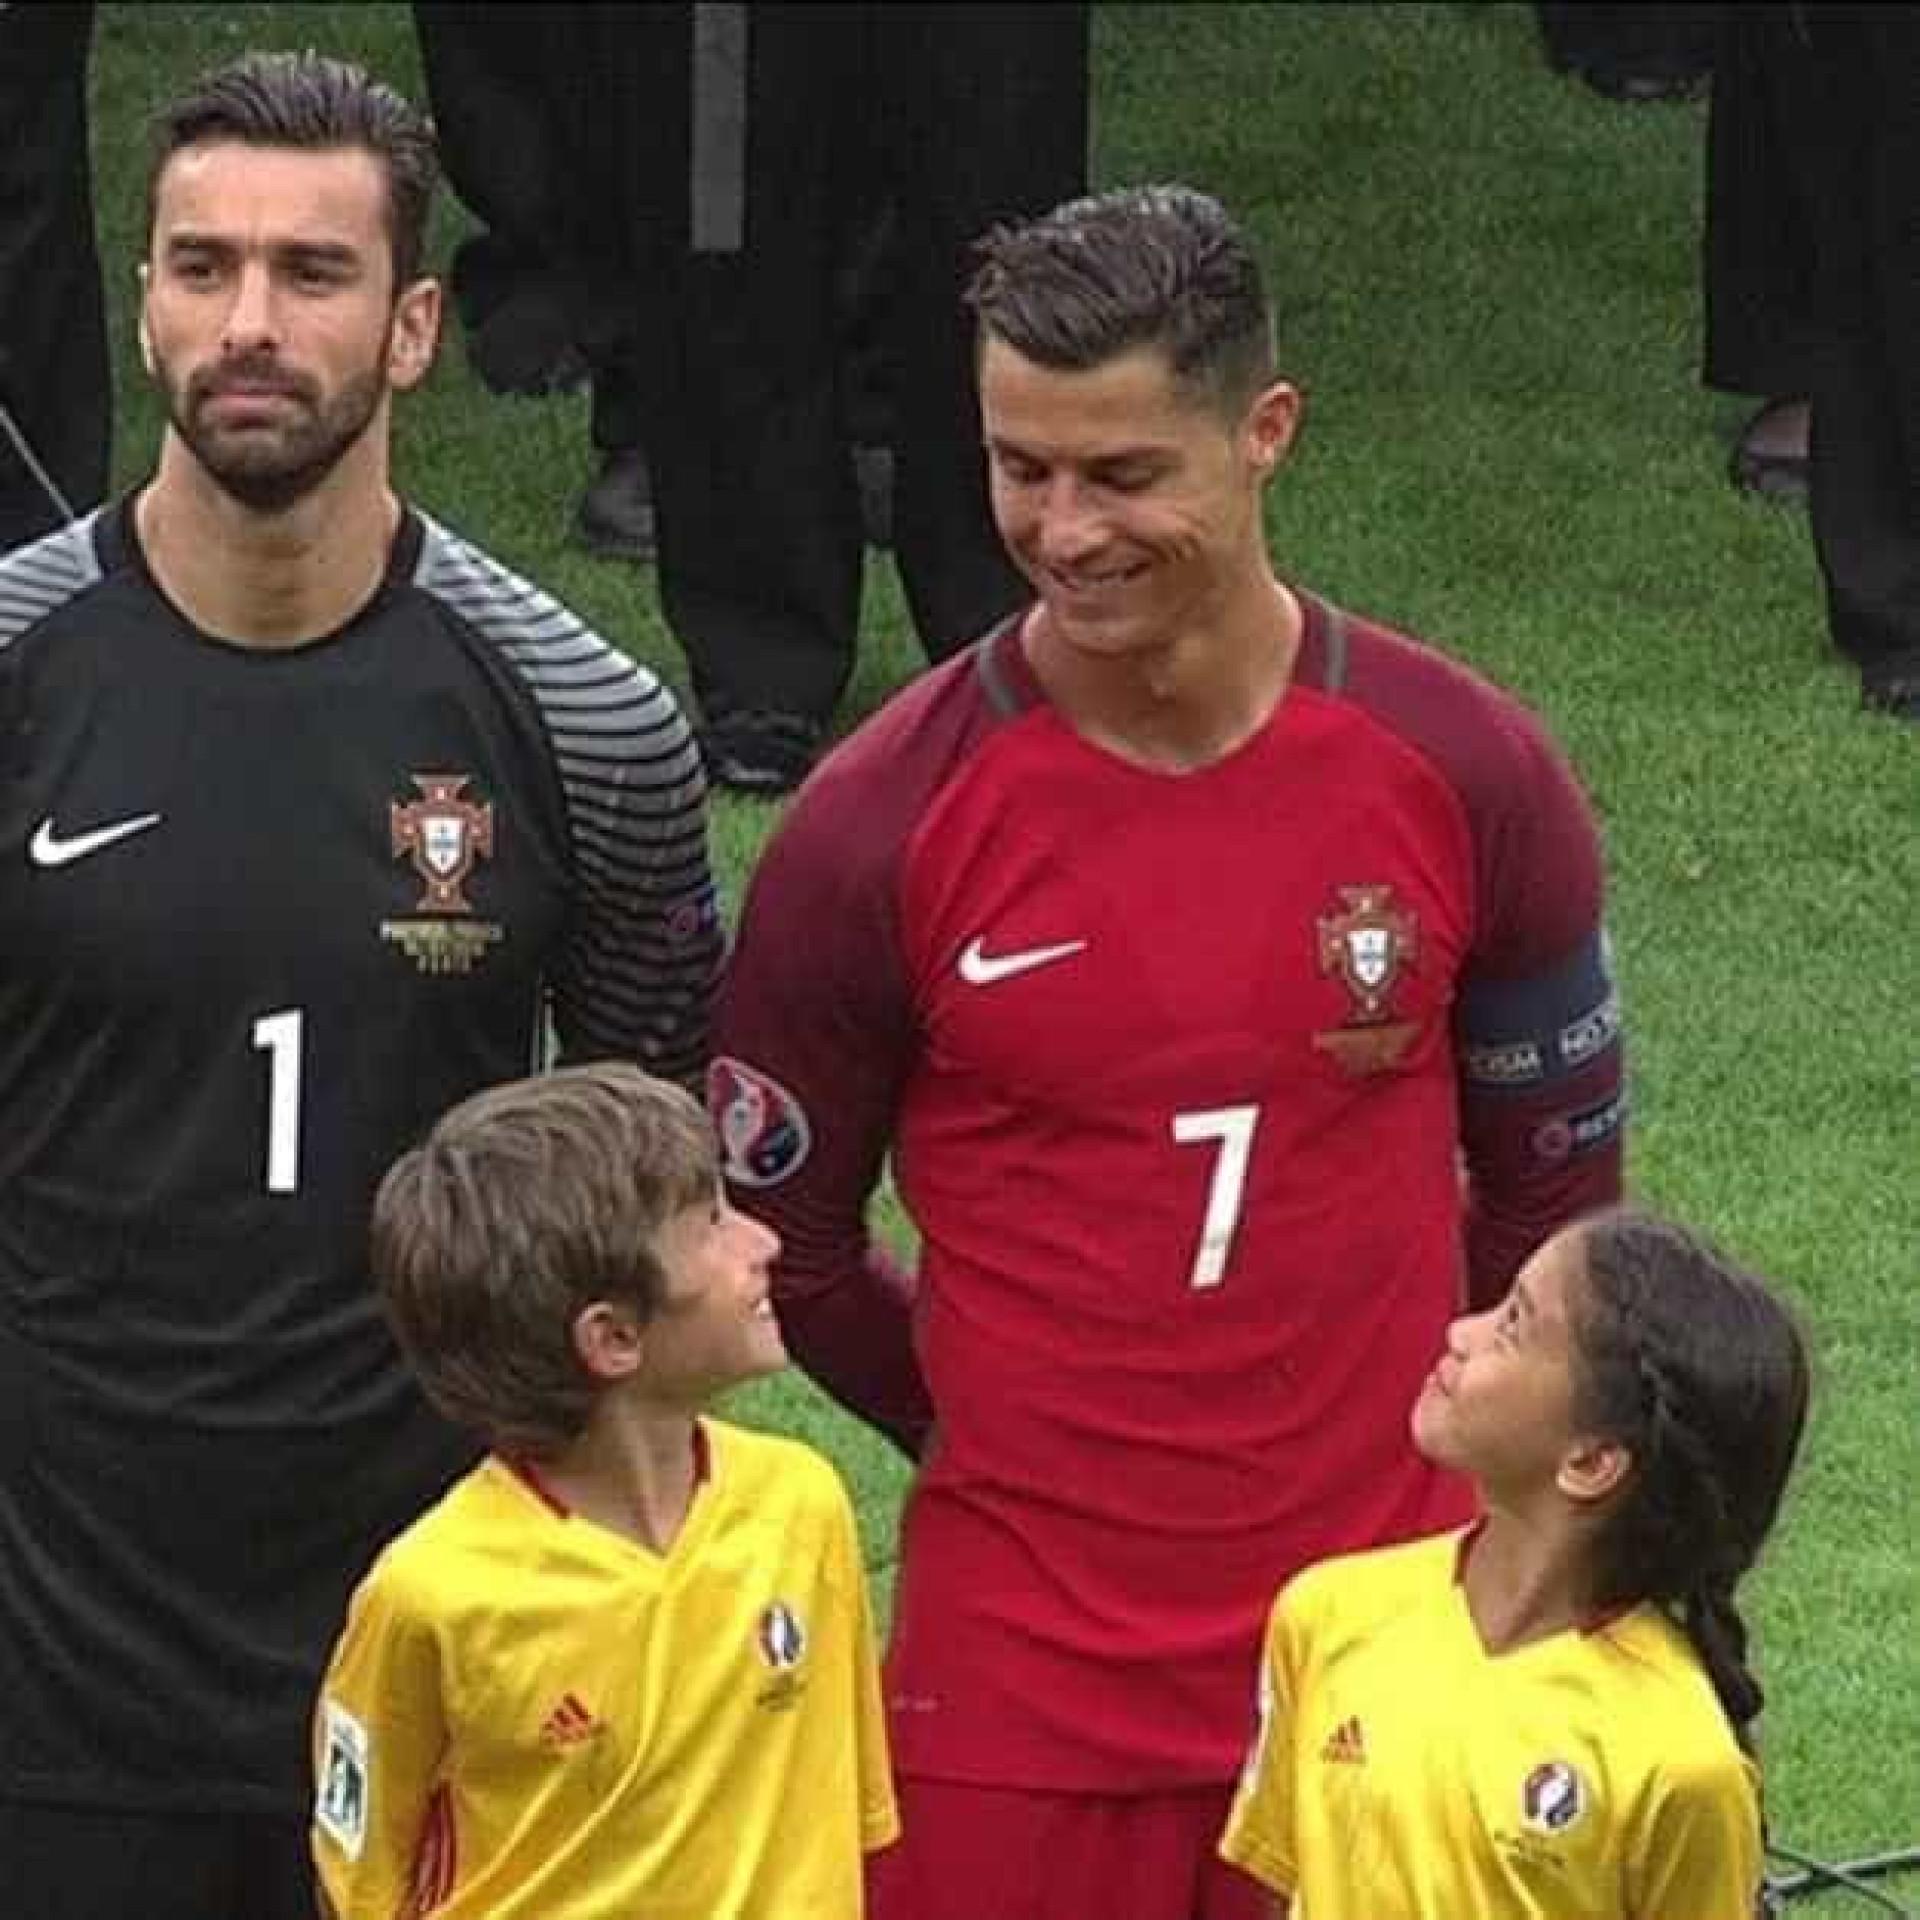 Ronaldo deixa crianças 'radiantes' com um sorriso